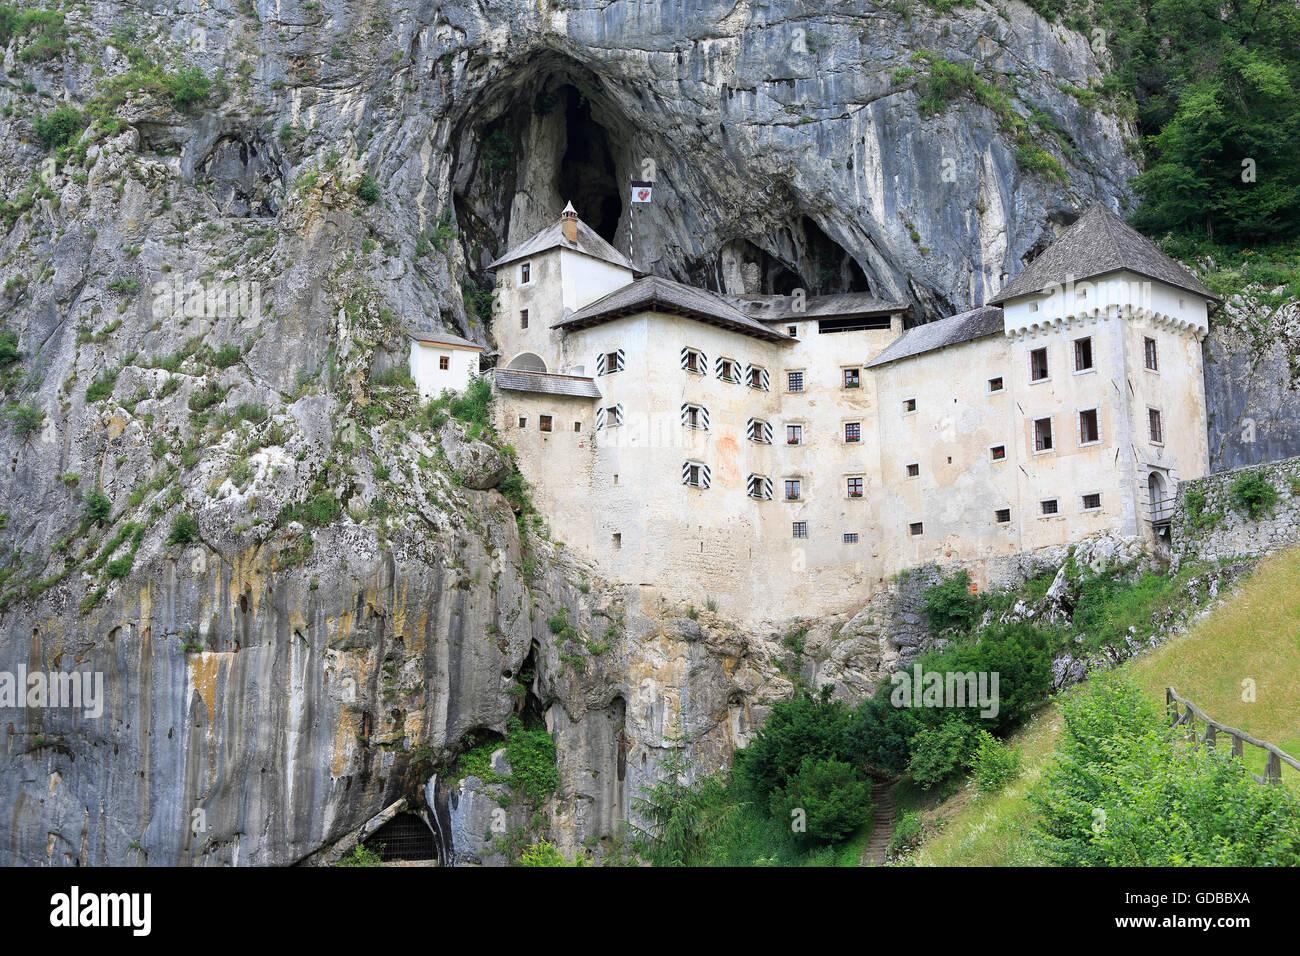 View of the Predjama Castle, Slovenia - Stock Image